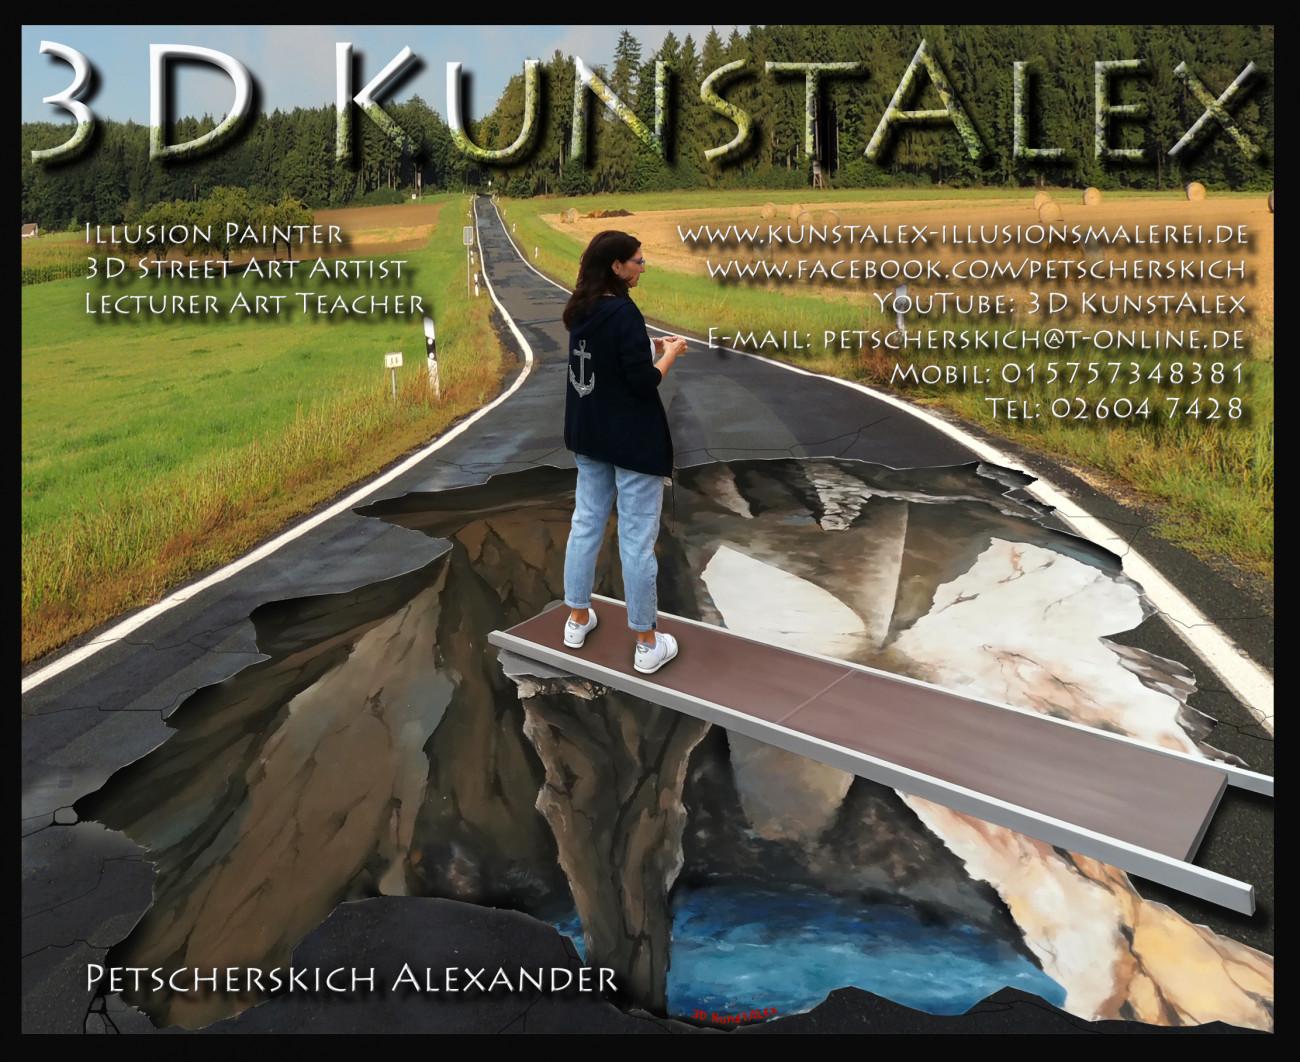 3D KunstAlex ~ Alexander Petscherskich, 3D KunstAlex ~ 3D Projekt Petscherskich Alexander